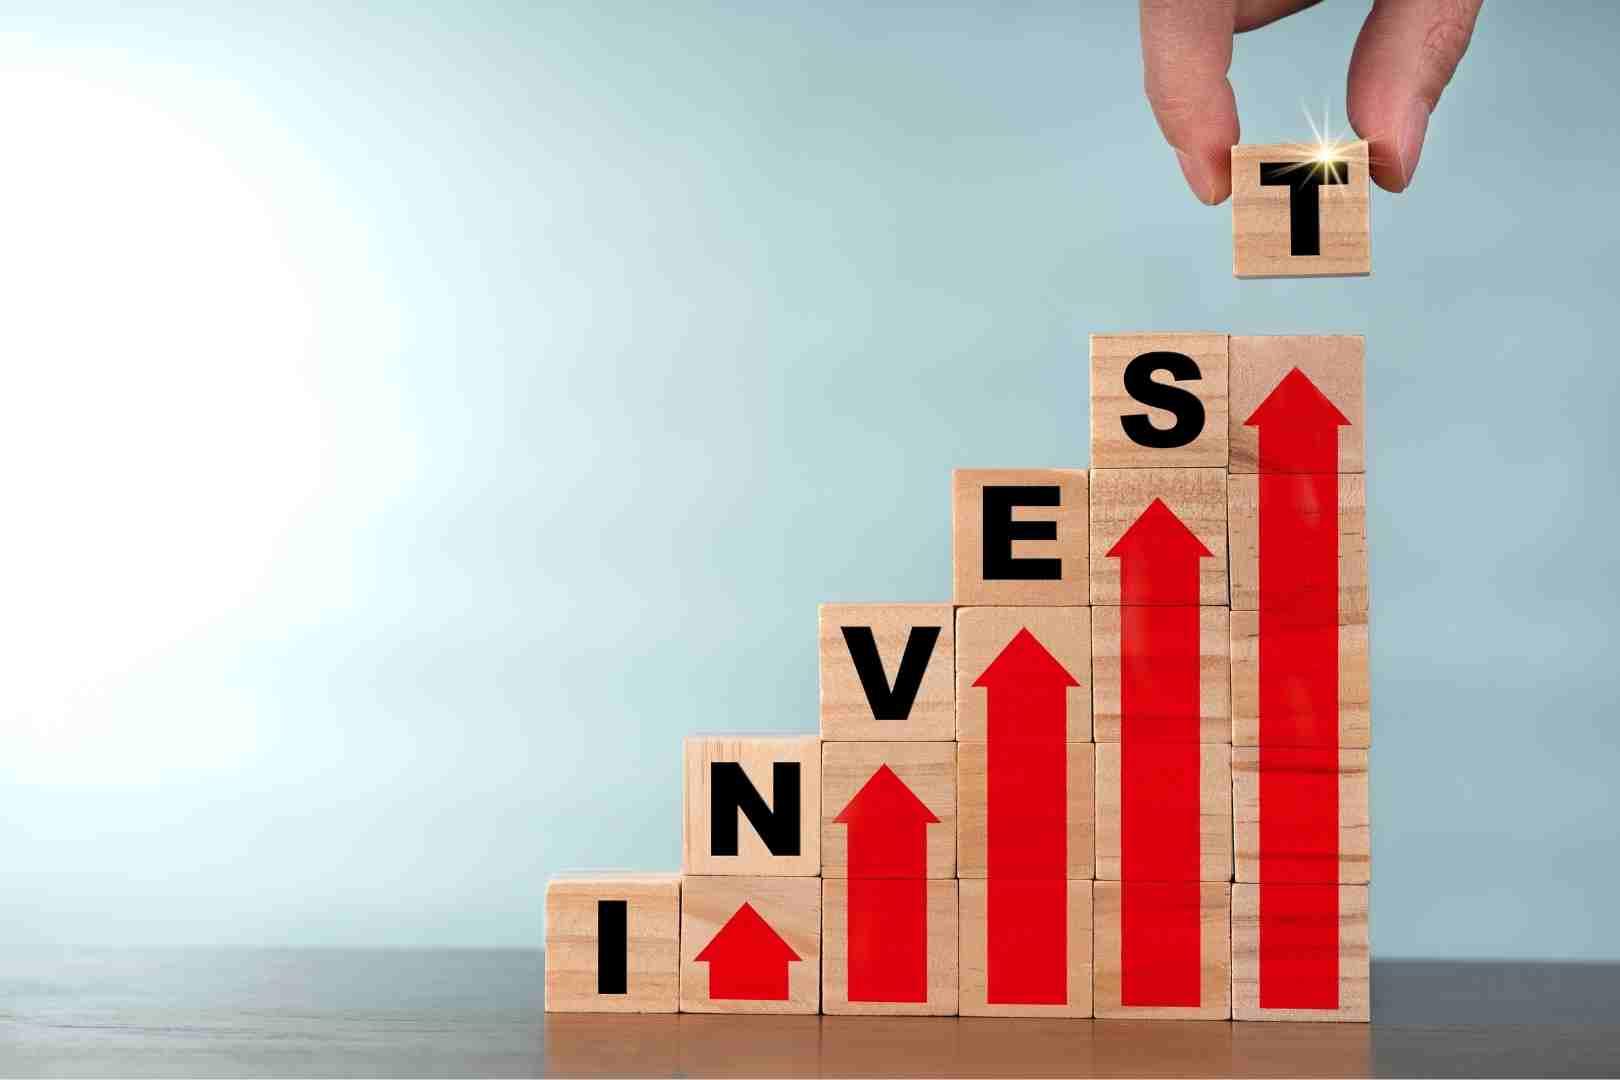 Curso de Asesoramiento en Inversiones Financieras: invierte controlando el contexto